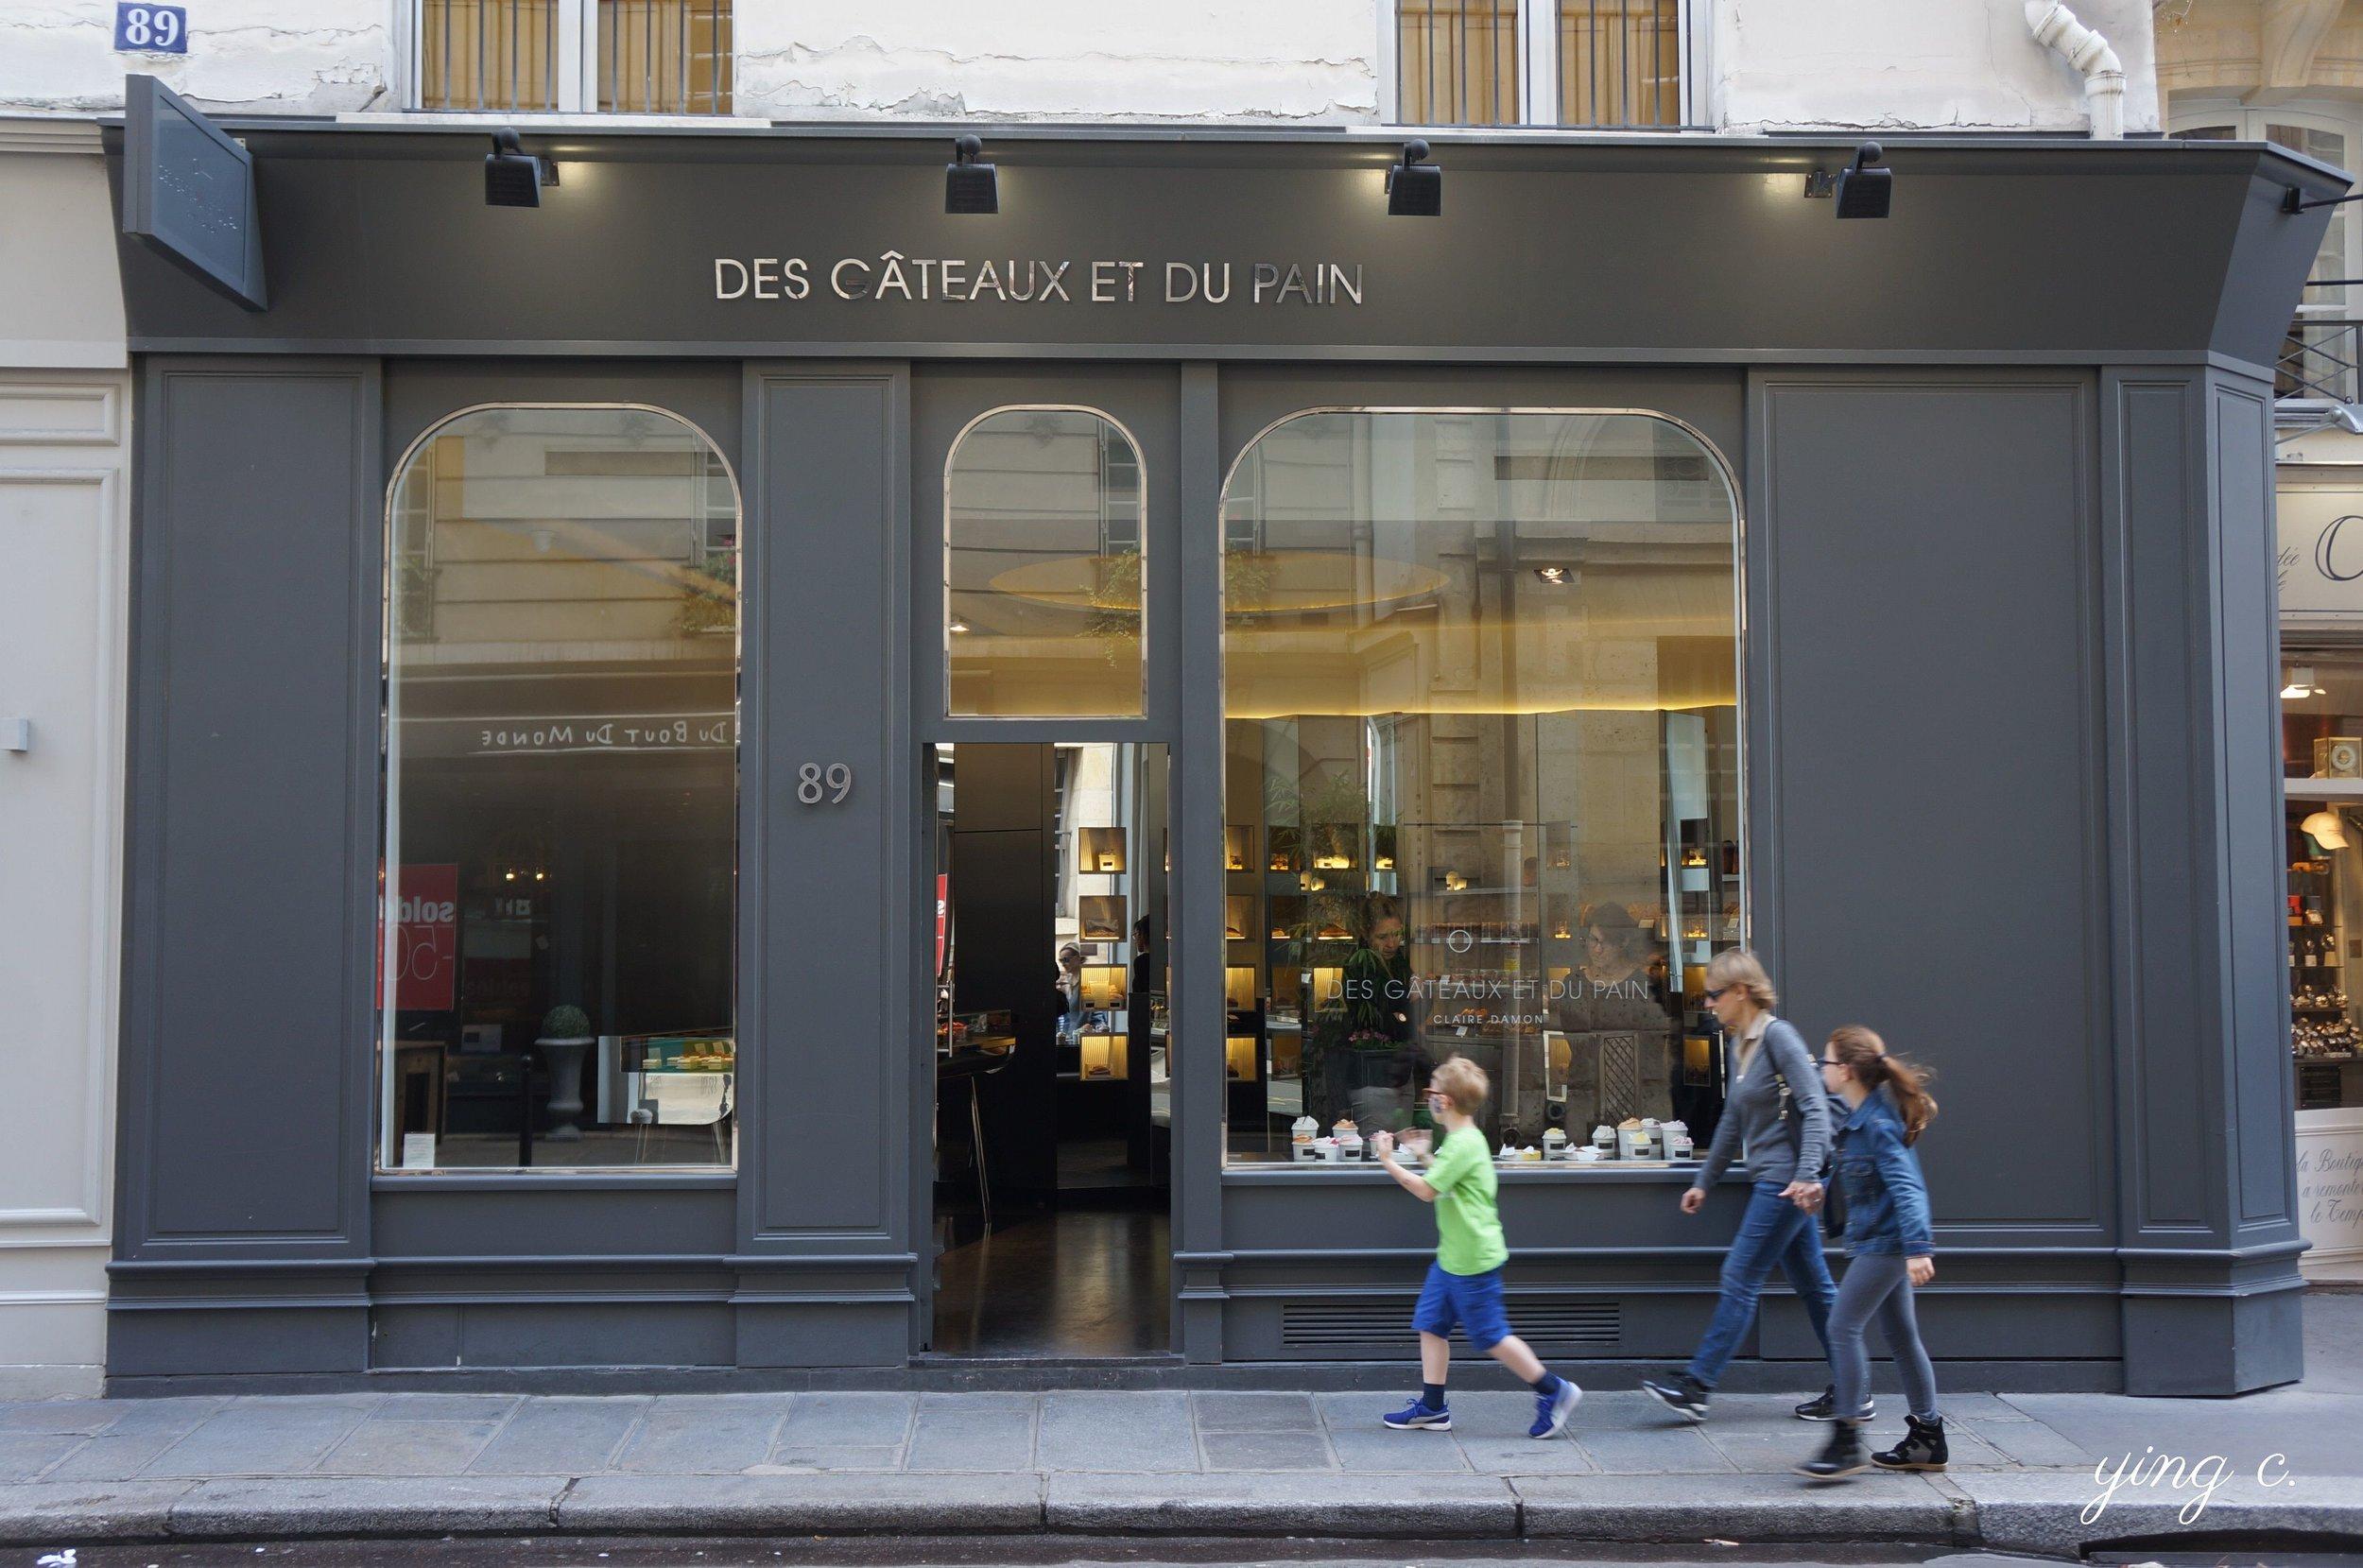 Des Gâteaux et du Pain 在 Rue du Bac 上的二店,進門左邊是甜點櫃、右邊是 麵包區,中間則是重點商品展示區。店內用了許多鏡子與折射設計,是 Claire 在 巴黎大皇宮 GrandPalais 「 Dynamo 」展覽中得到的靈感。 Photo by Ying C.